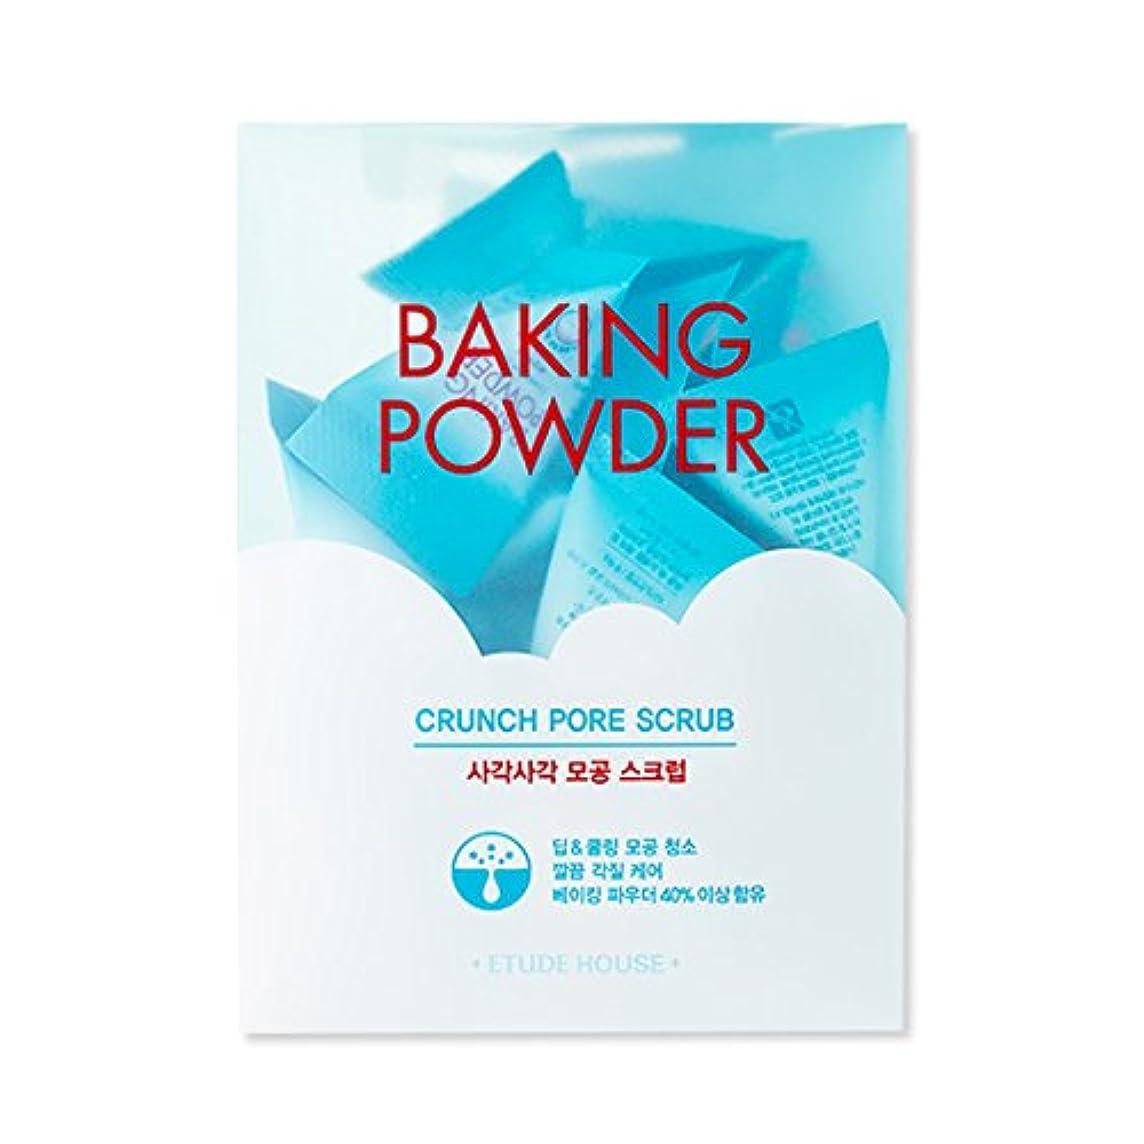 どこか雑種力強い[2016 Upgrade!] ETUDE HOUSE Baking Powder Crunch Pore Scrub 7g×24ea/エチュードハウス ベーキング パウダー クランチ ポア スクラブ 7g×24ea [...